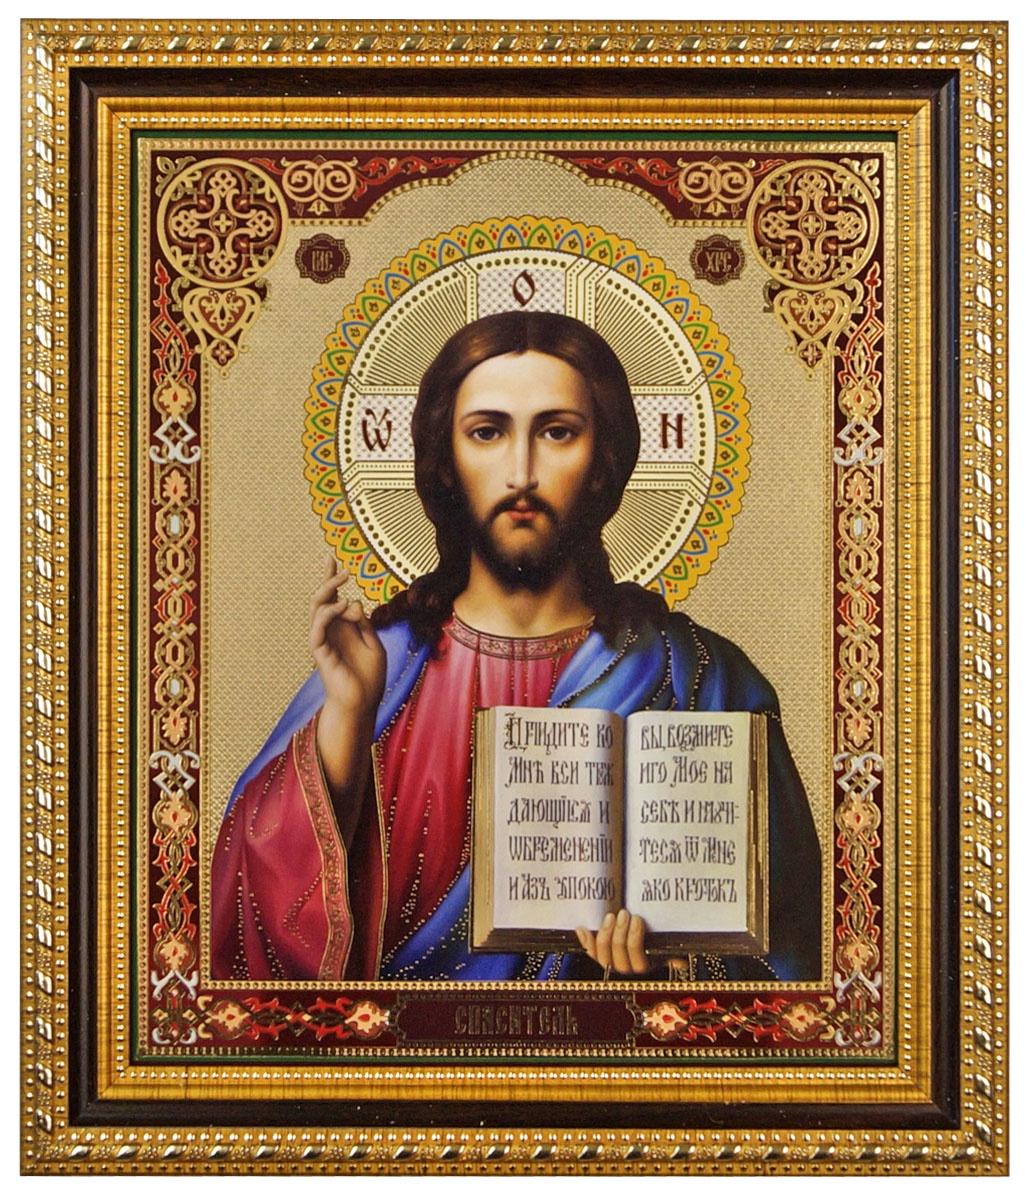 Самые известные иконы спасителя иисуса христа